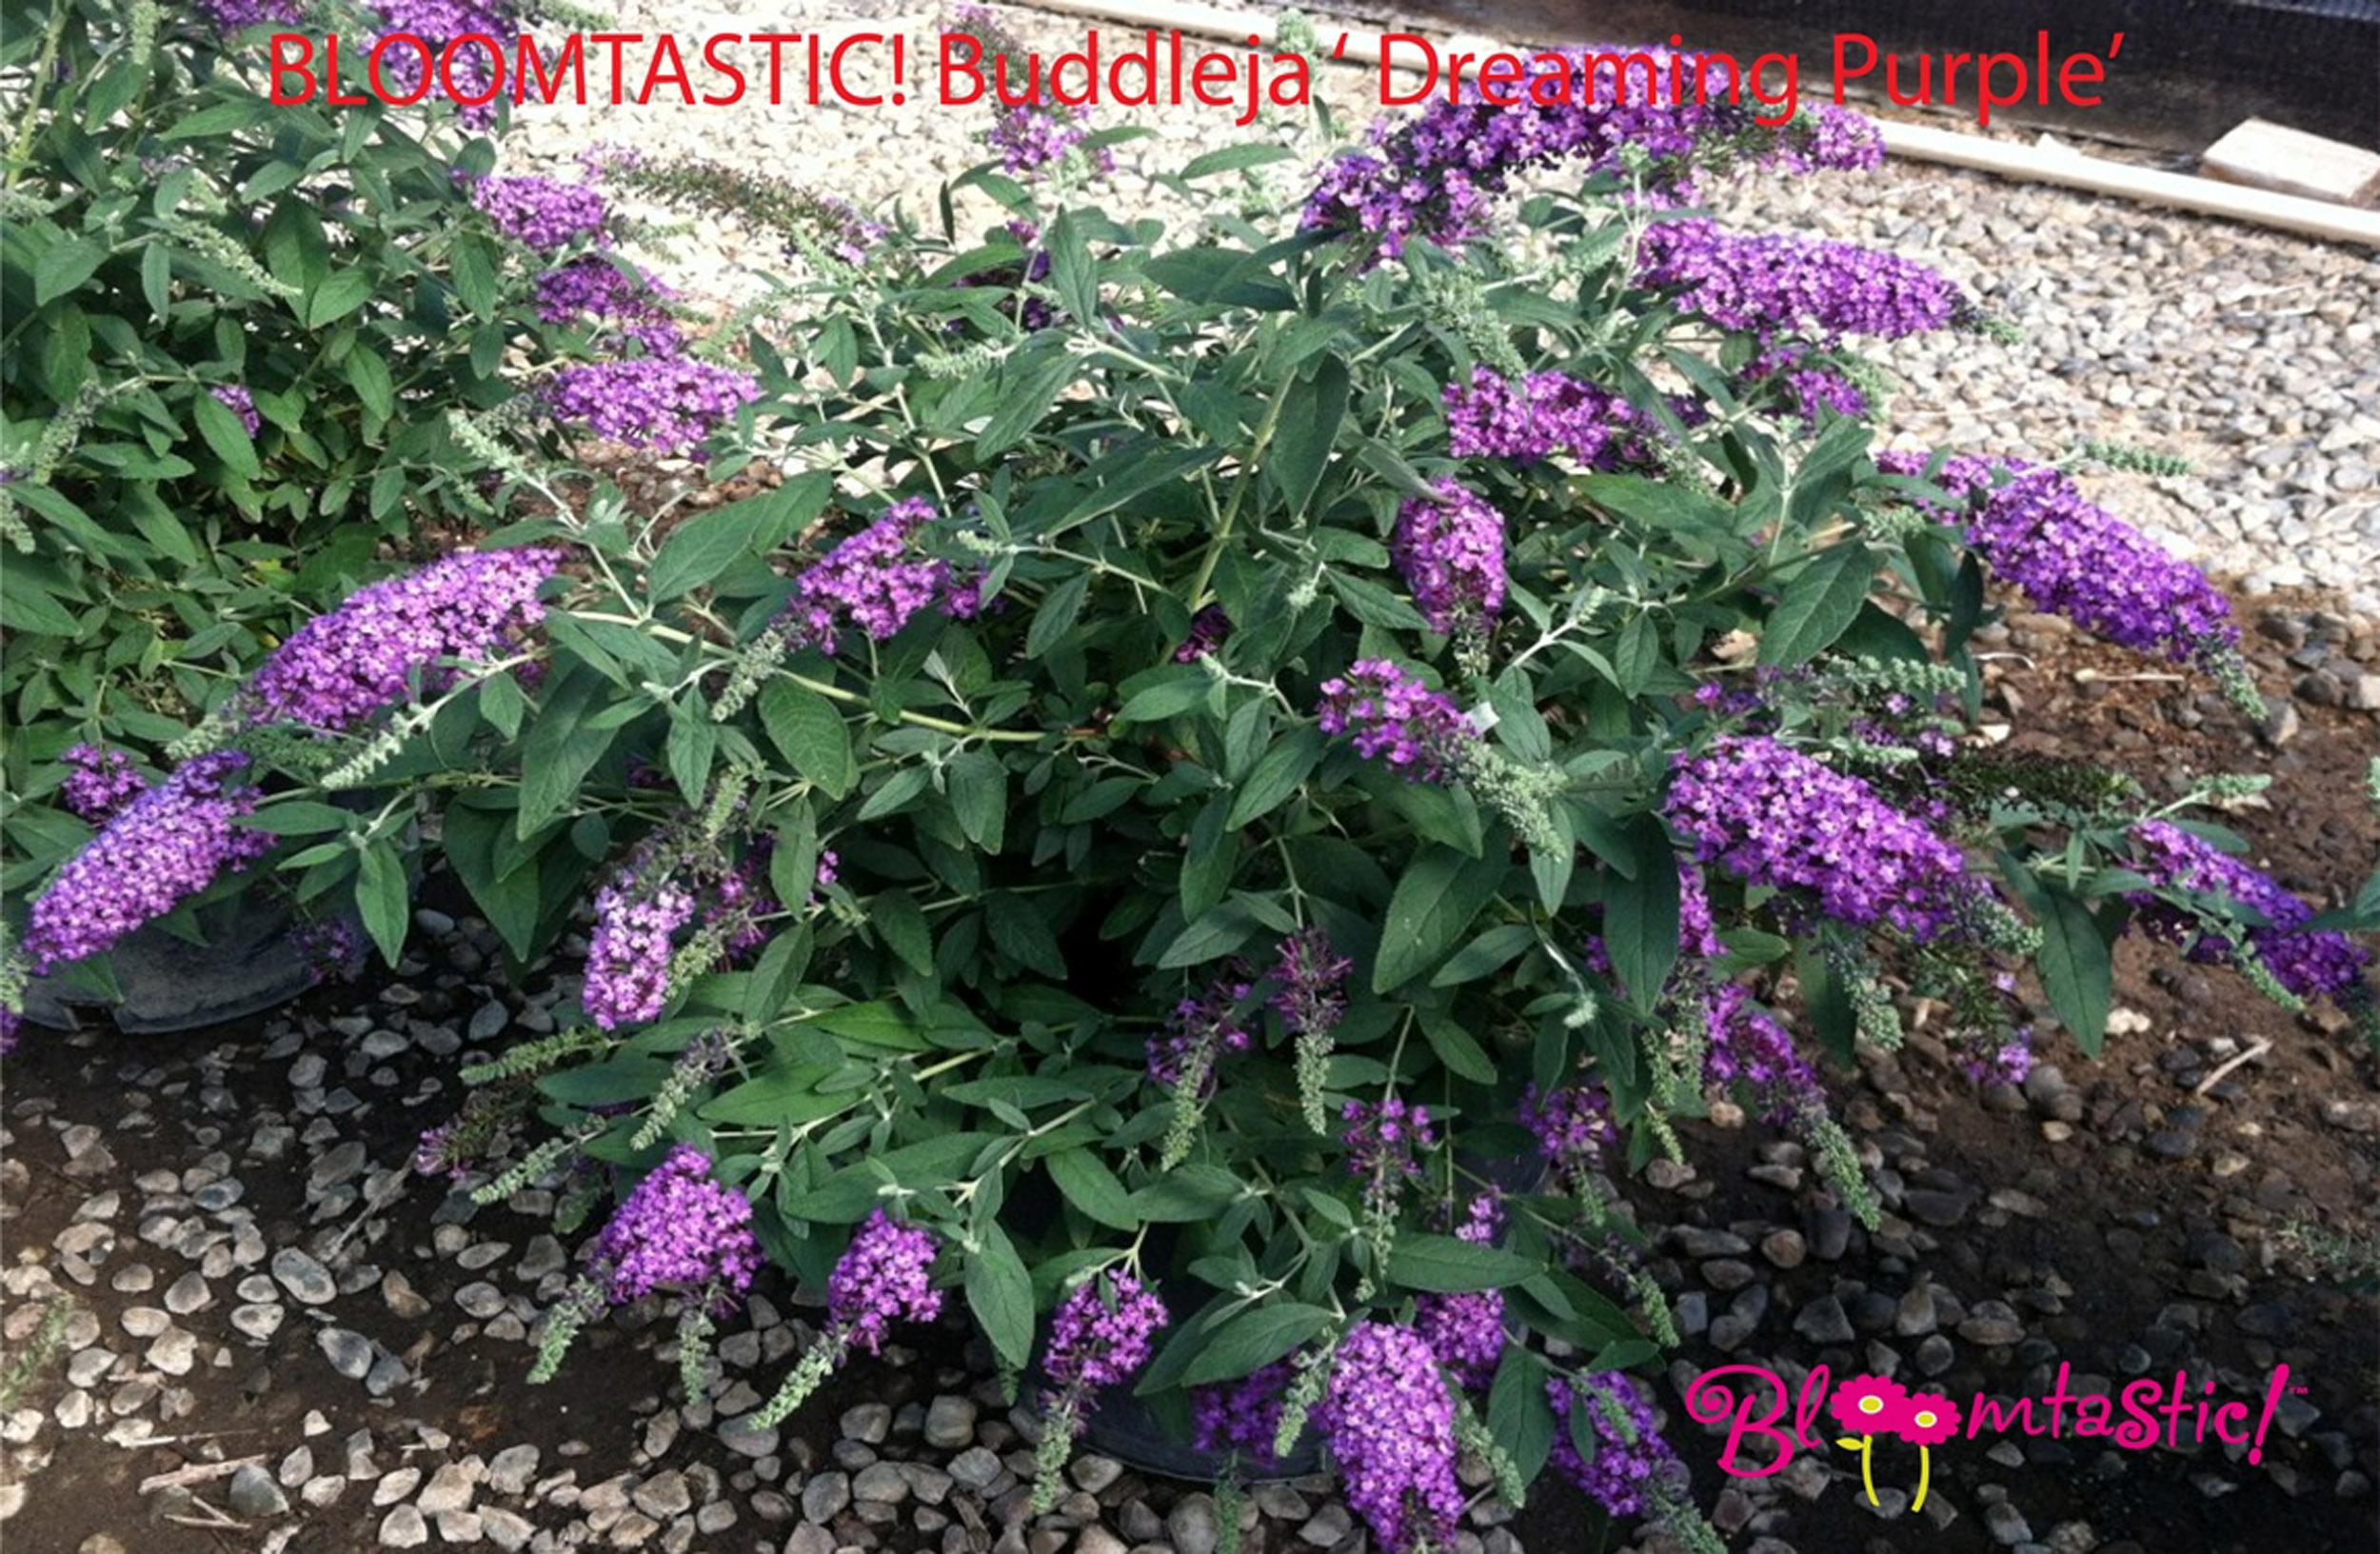 la collection globe planter - arbre aux papillons - bloom tastic